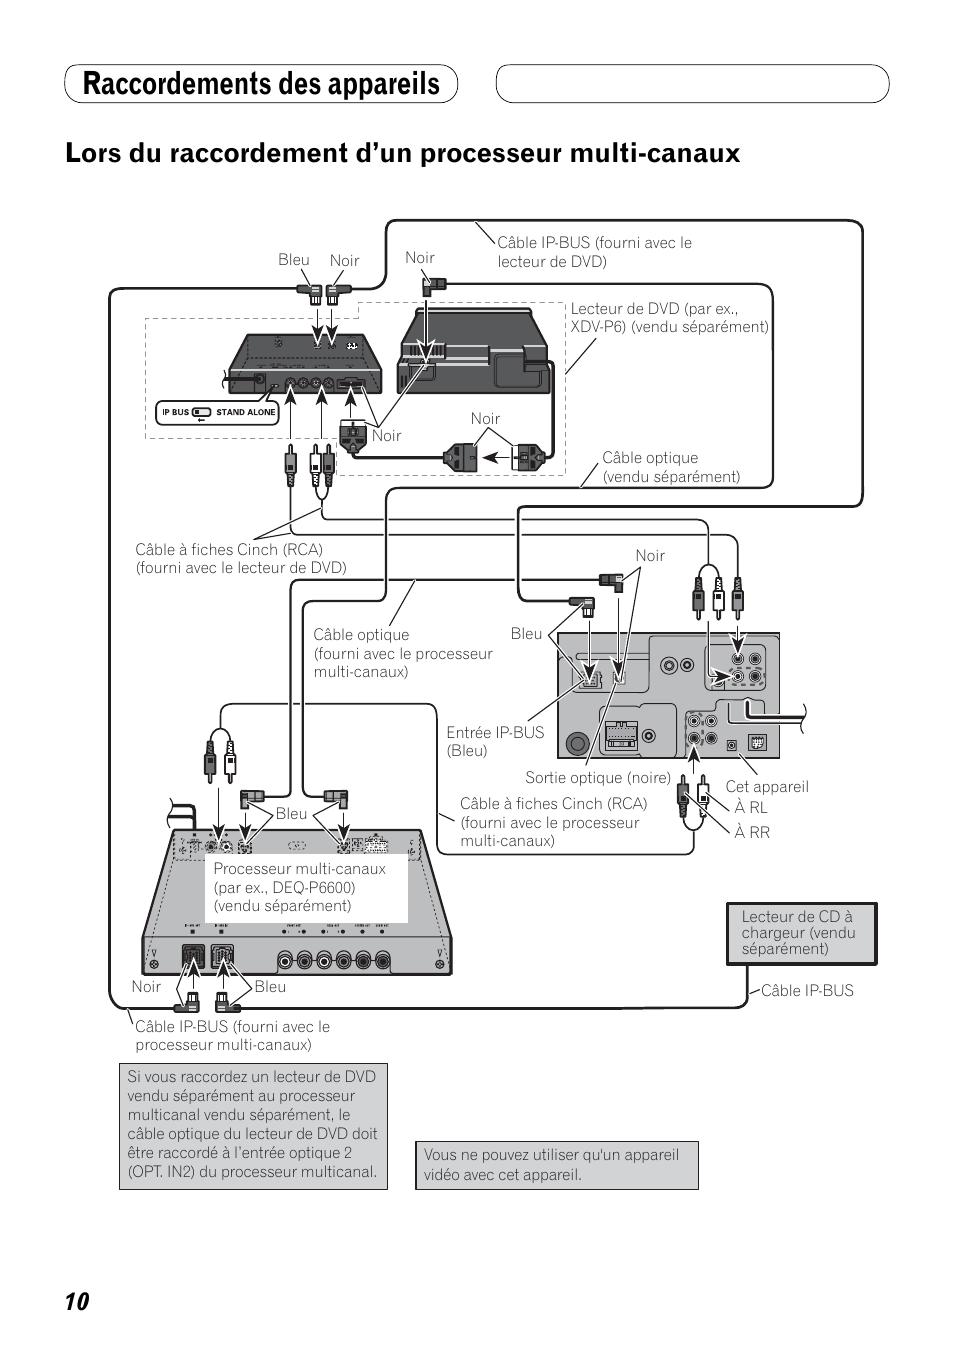 Lors du raccordement d'un processeur, Multi-canaux